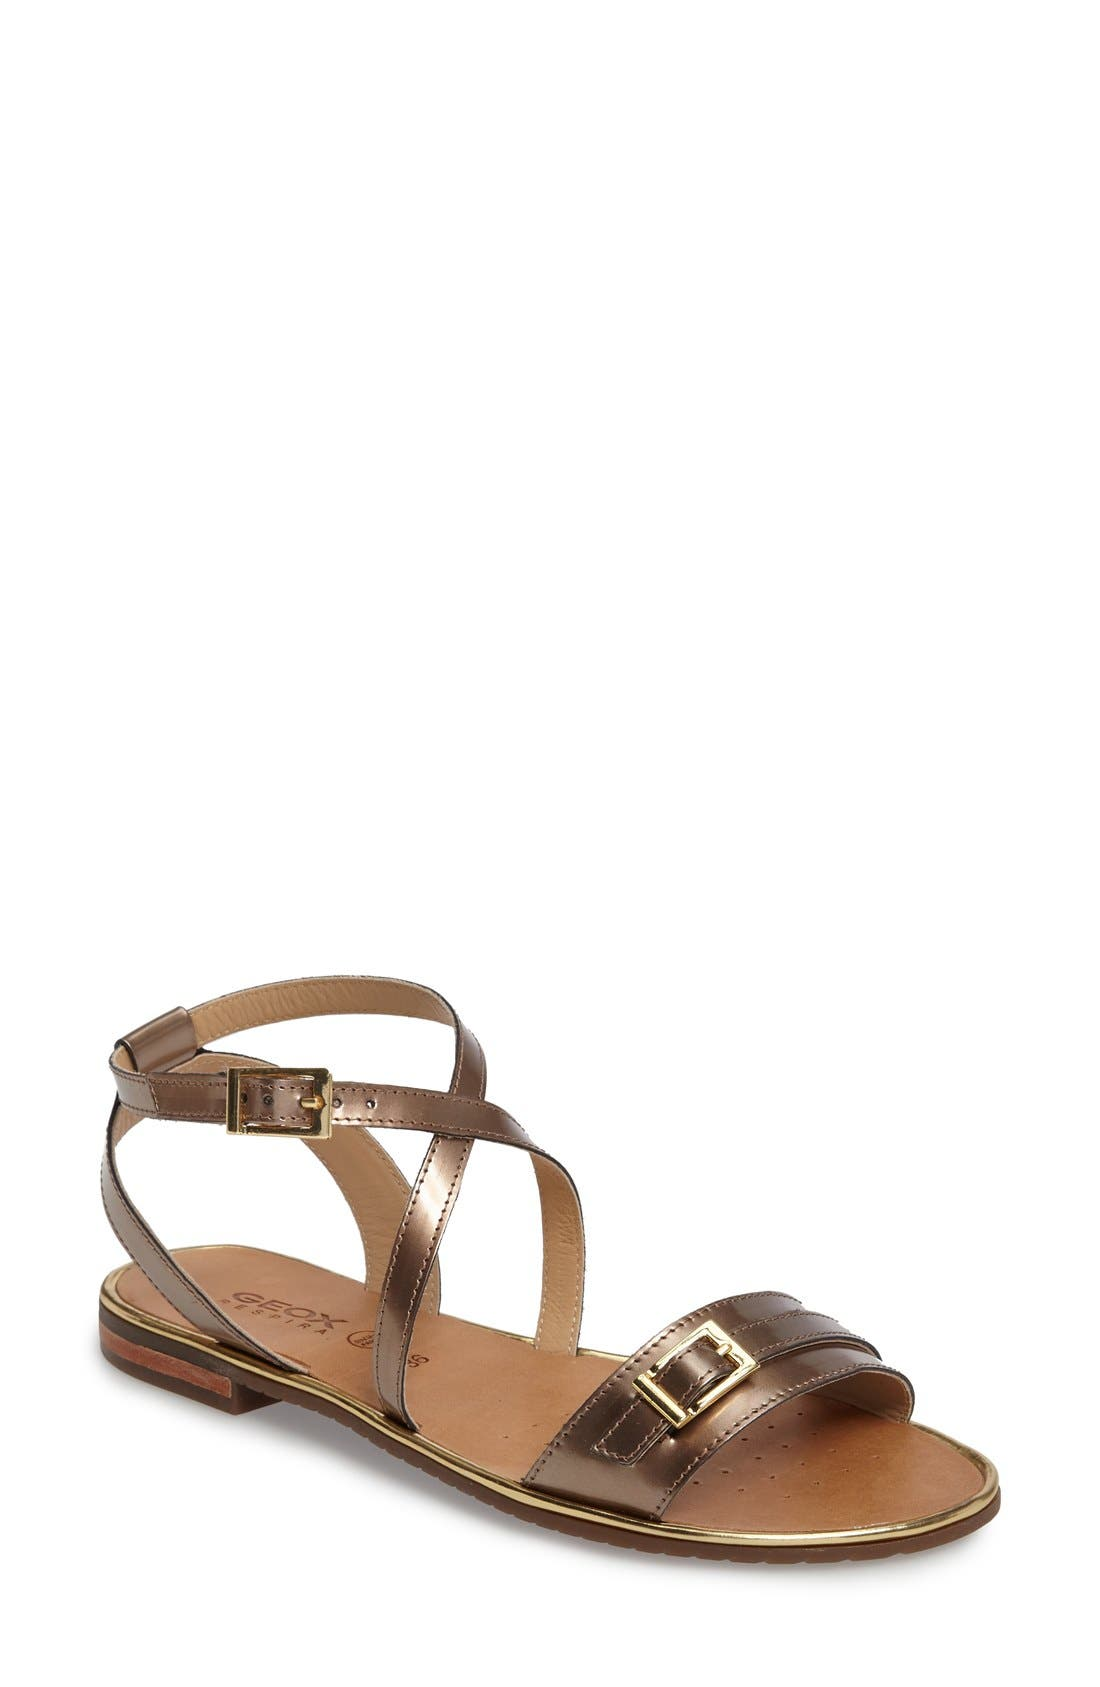 GEOX Sozy Sandal